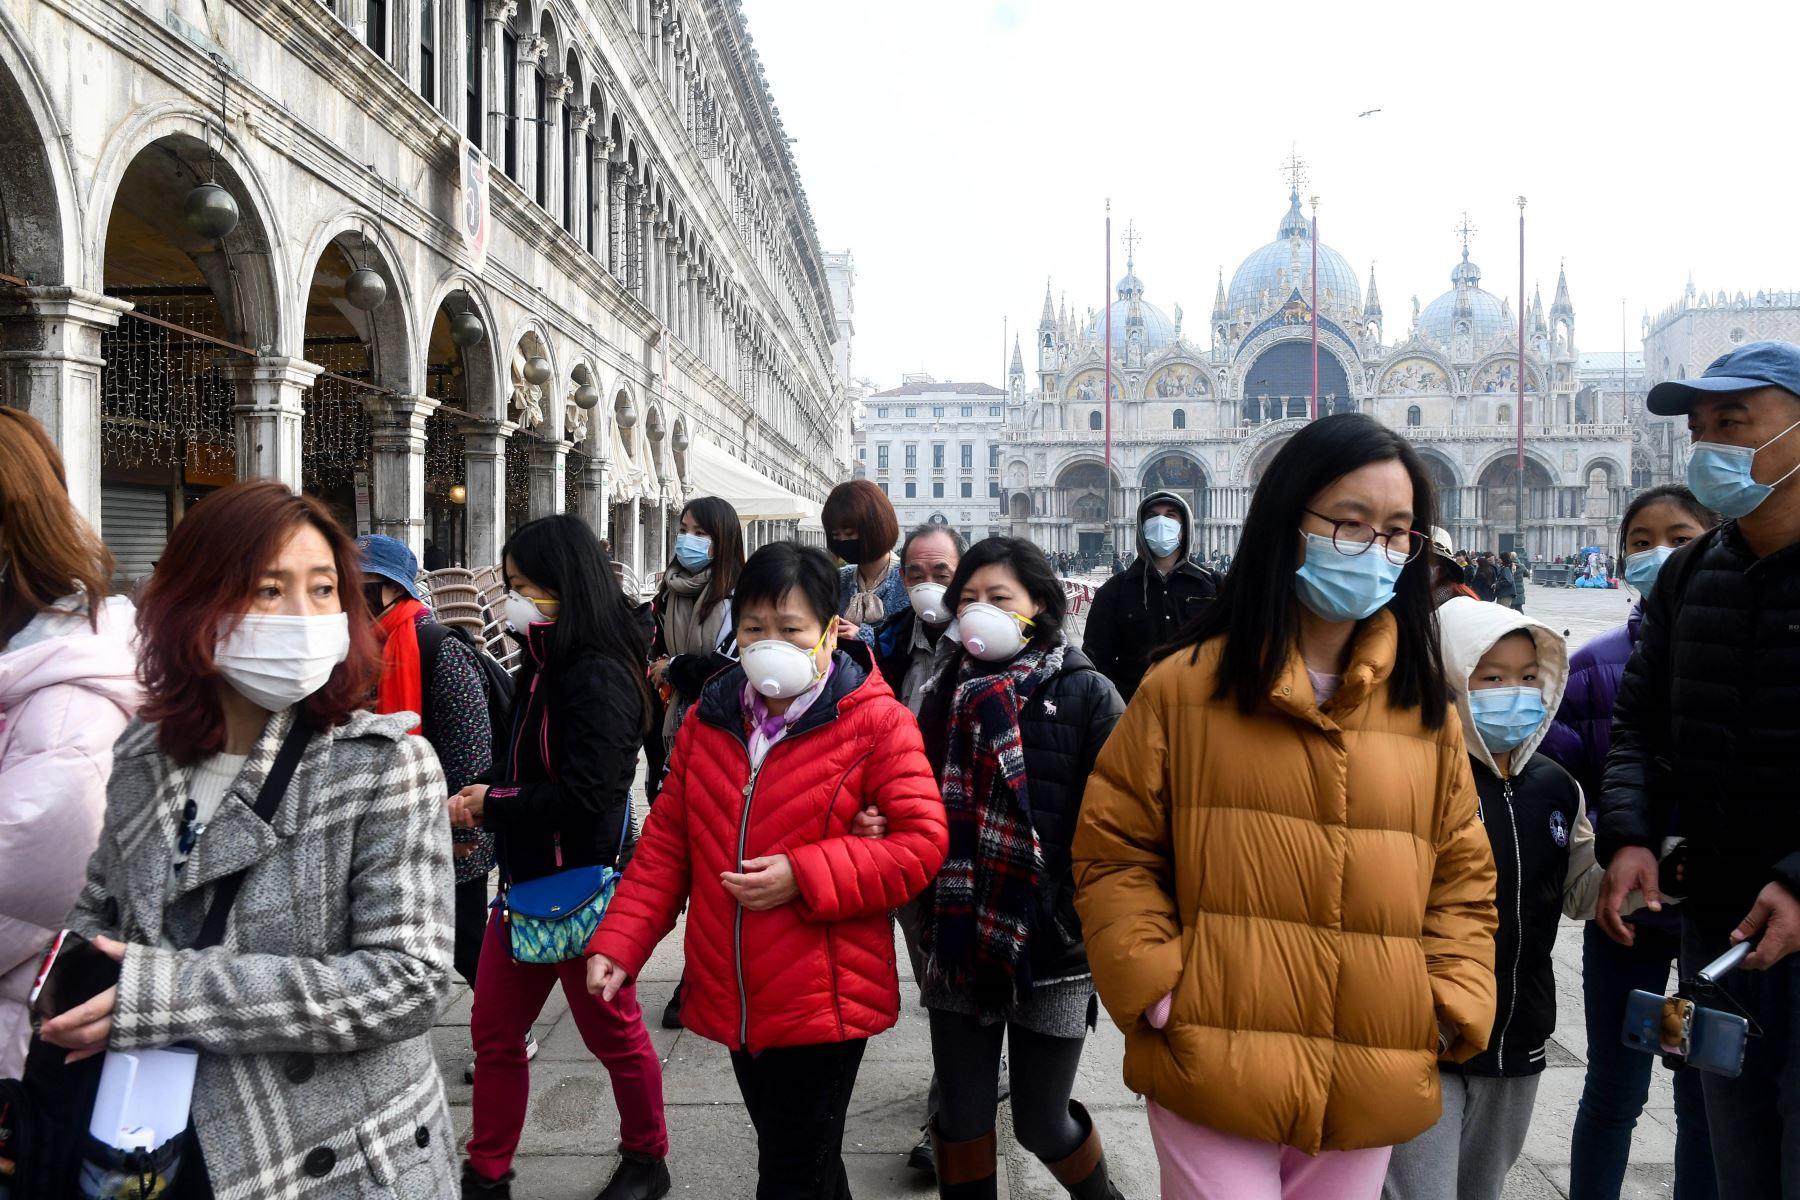 Turistas con máscaras protectoras visitan la Piazza San Marco, en Venecia. Foto: AFP